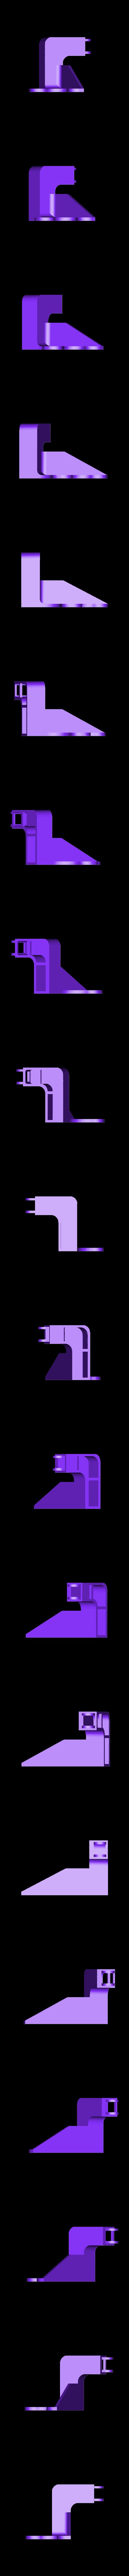 X_chain_mount_for_Stockish.STL Télécharger fichier STL gratuit Un support d'extrudeuse Stock-ish pour Anet A8 et Alike ! (Inclut la chaîne et la monture ou sans chaîne !) • Objet pour impression 3D, MorganLowe